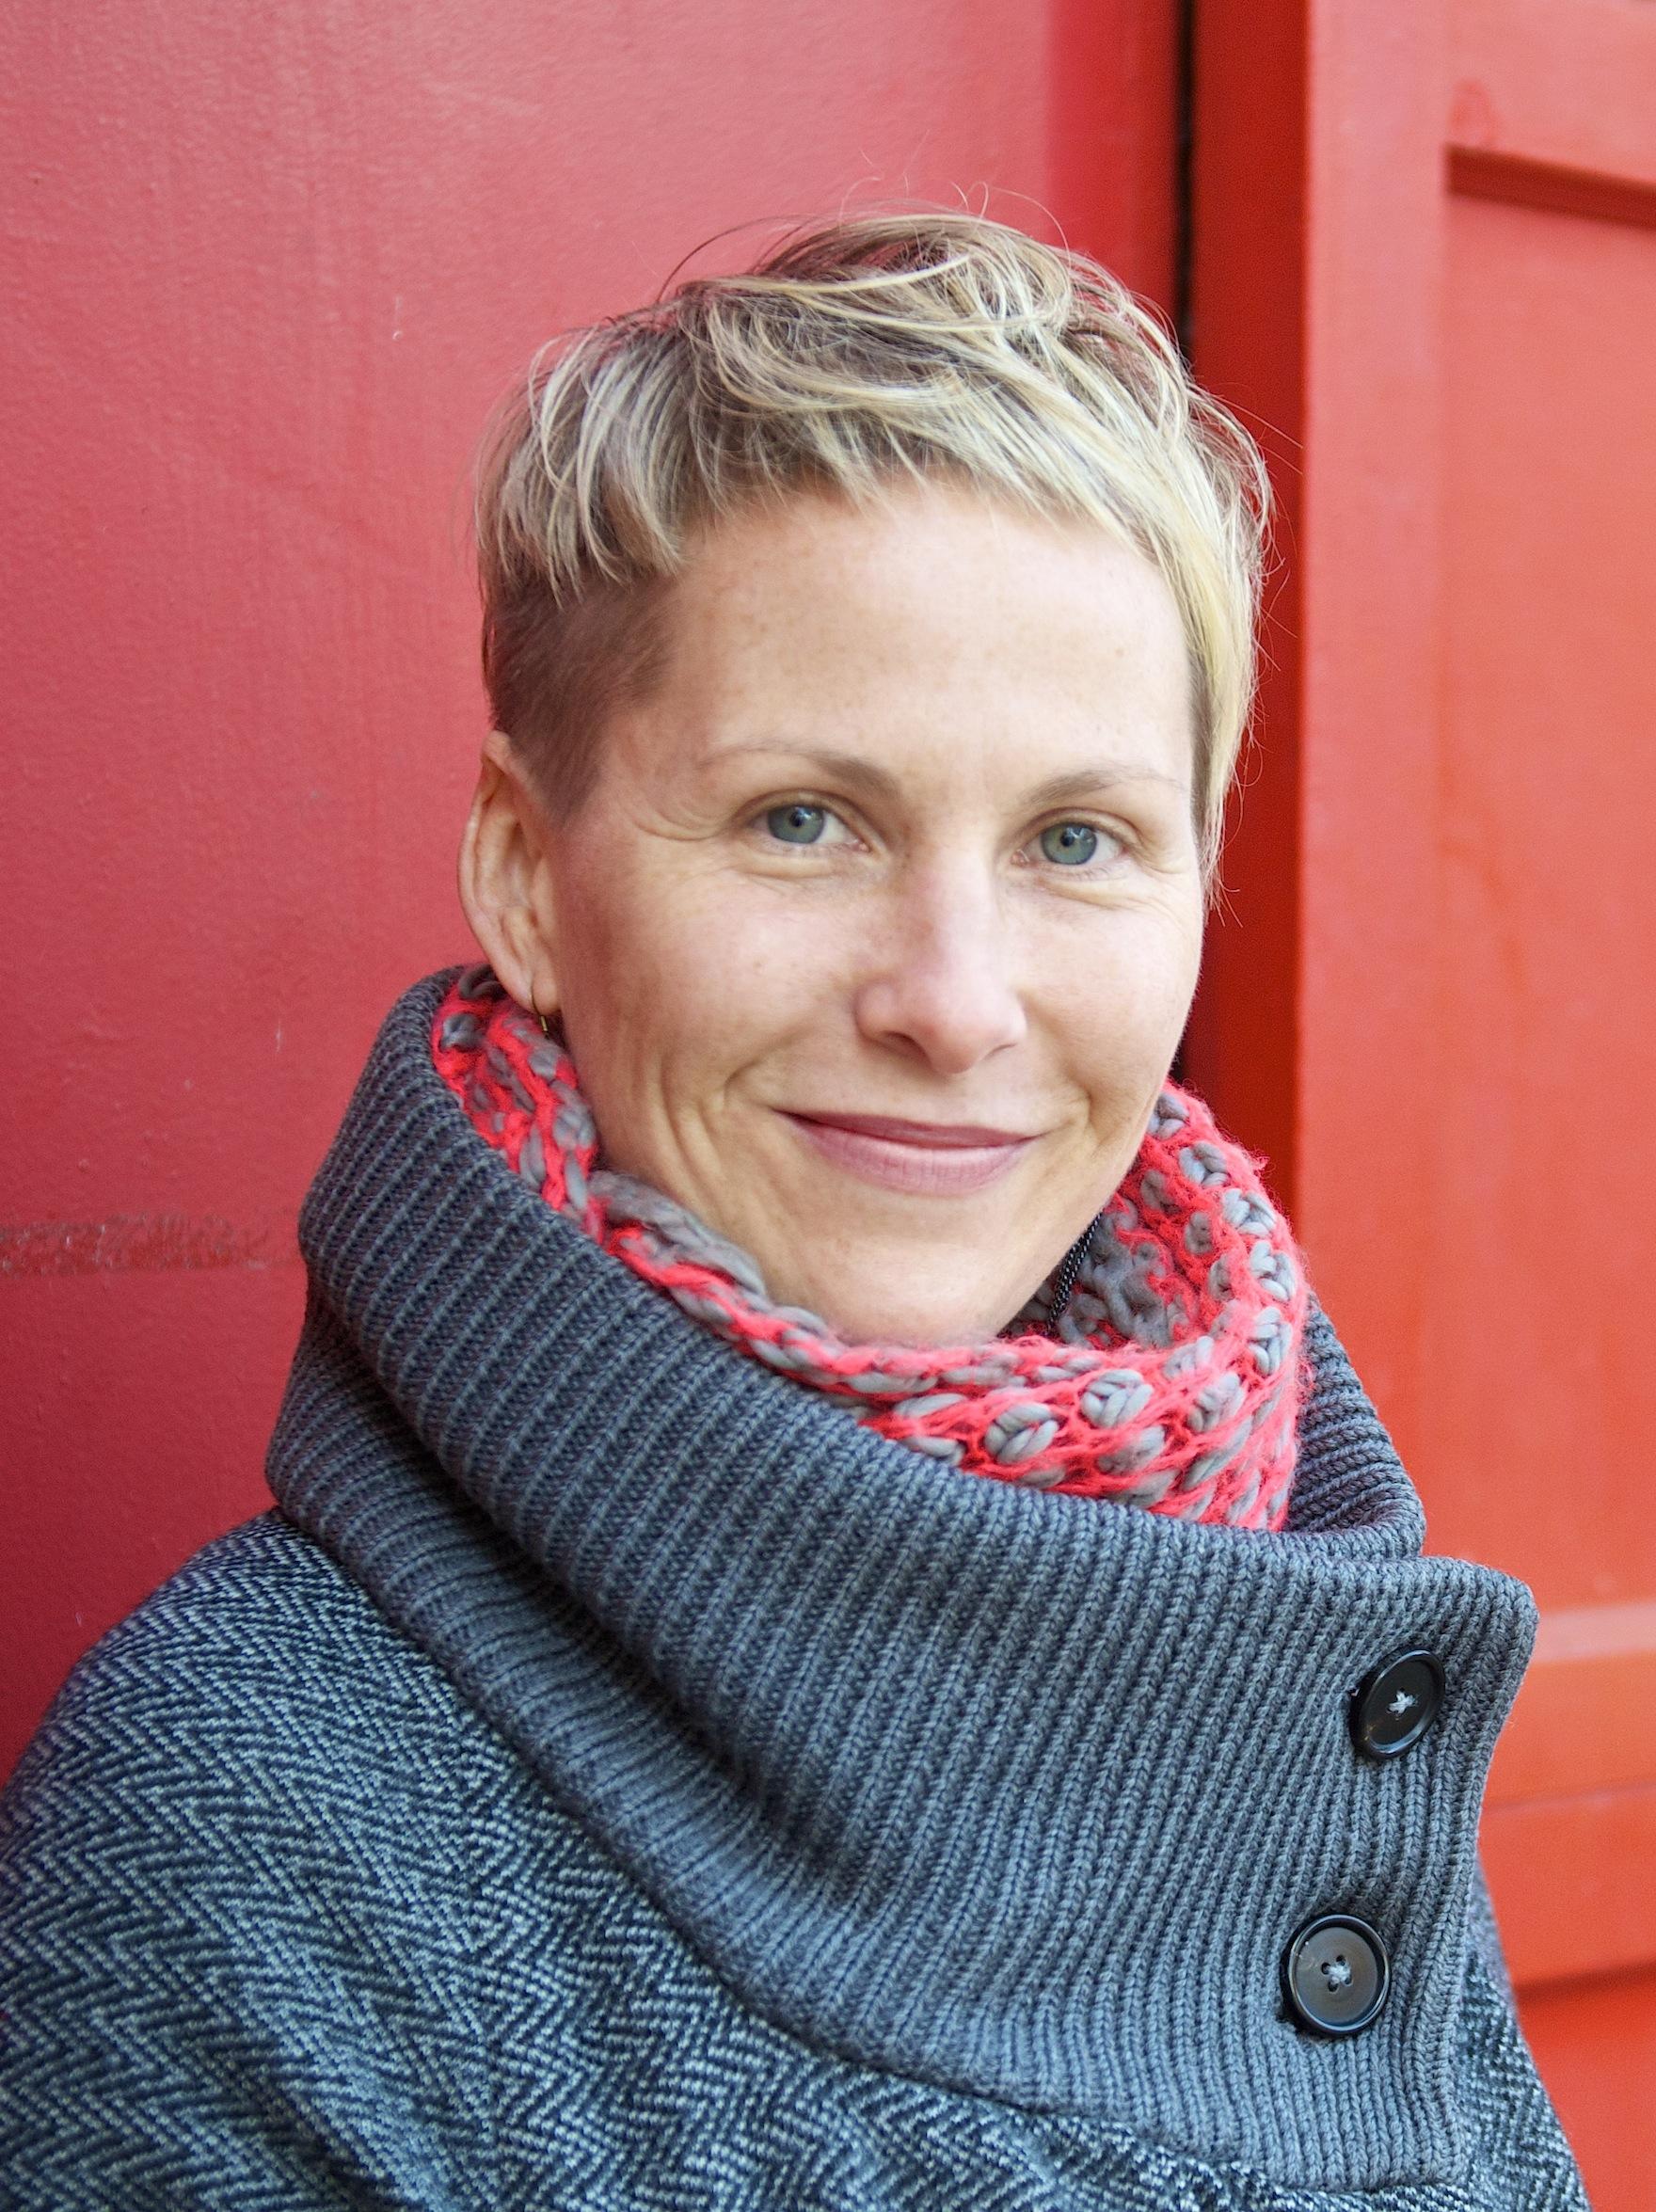 Toni Latour